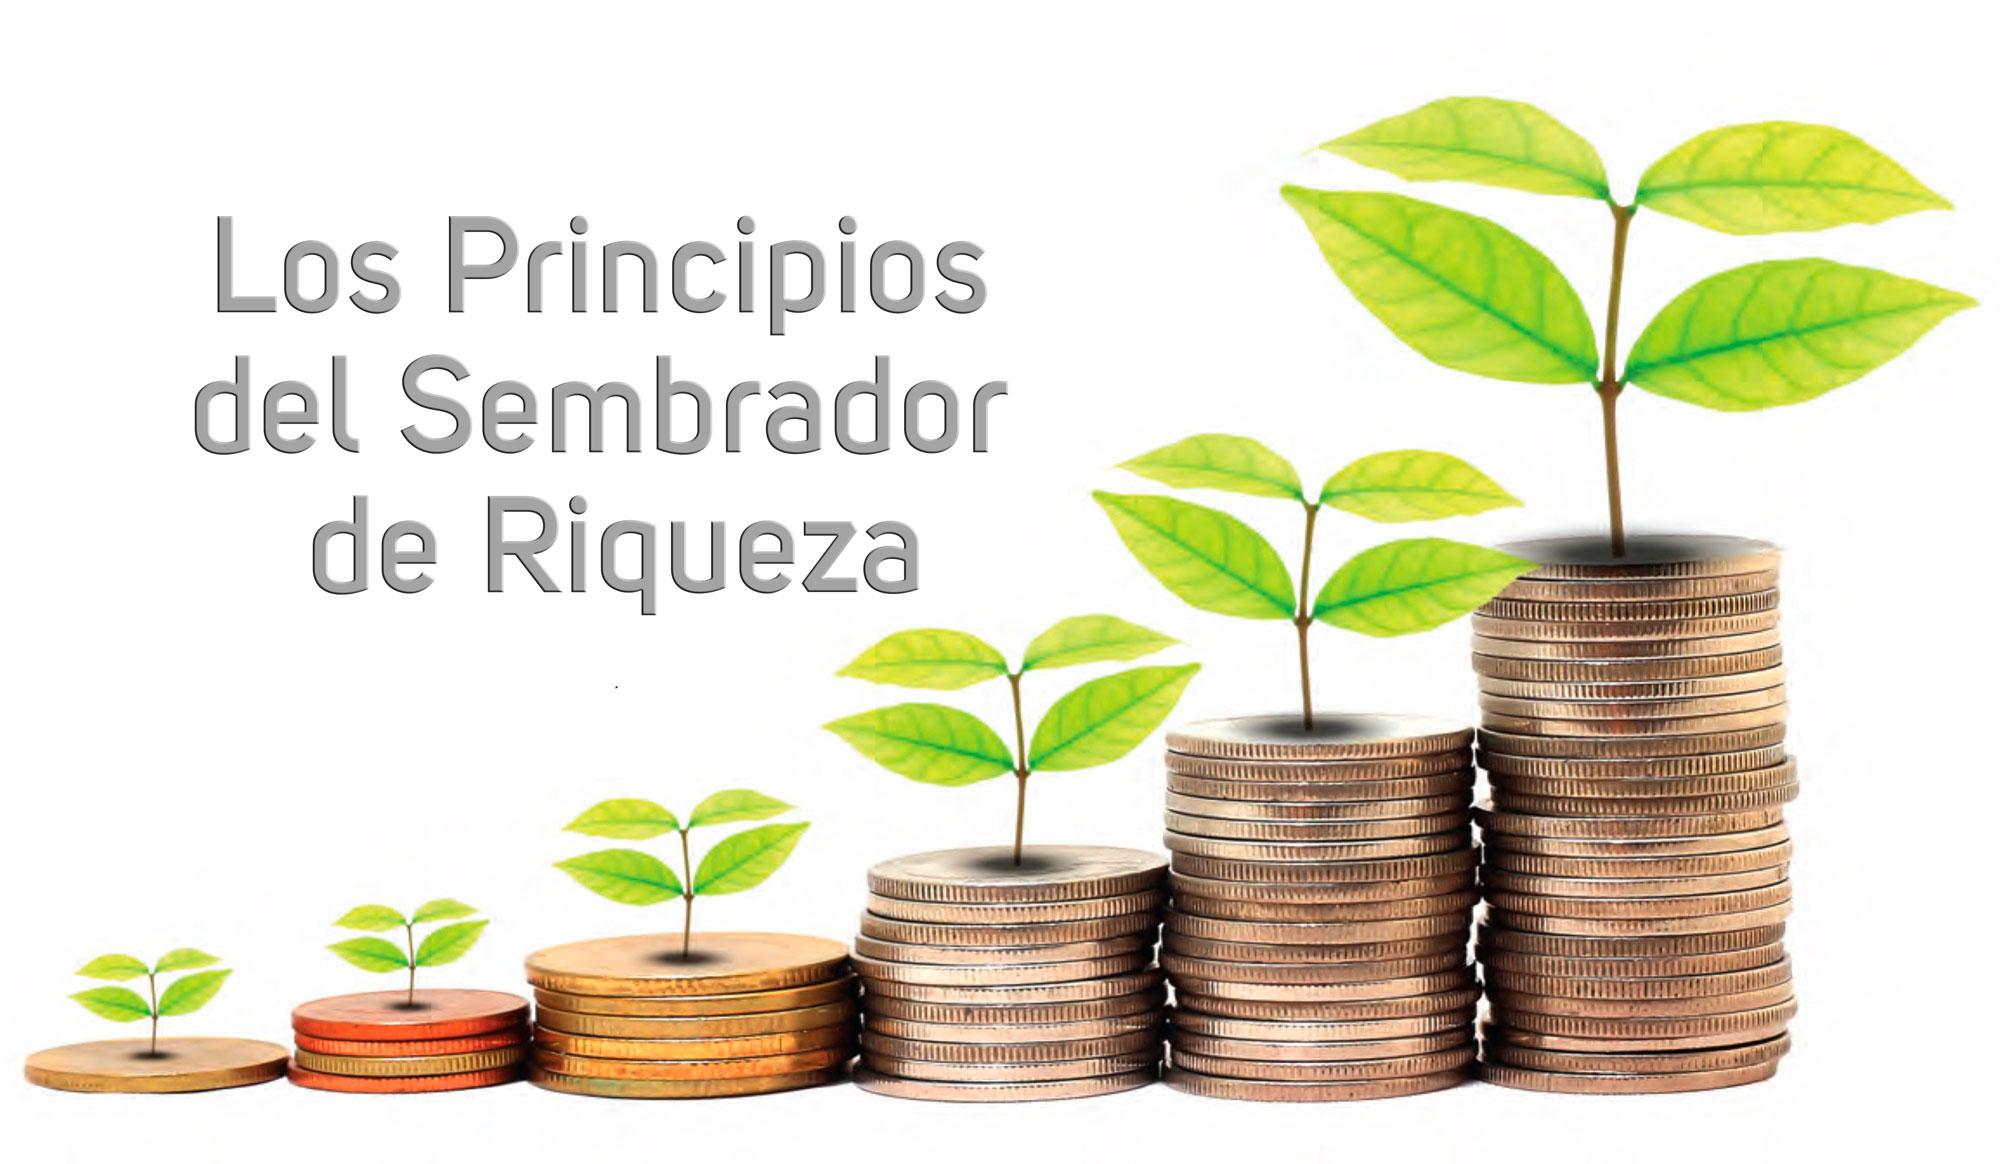 07 Imagen Curso Finanzas.jpg